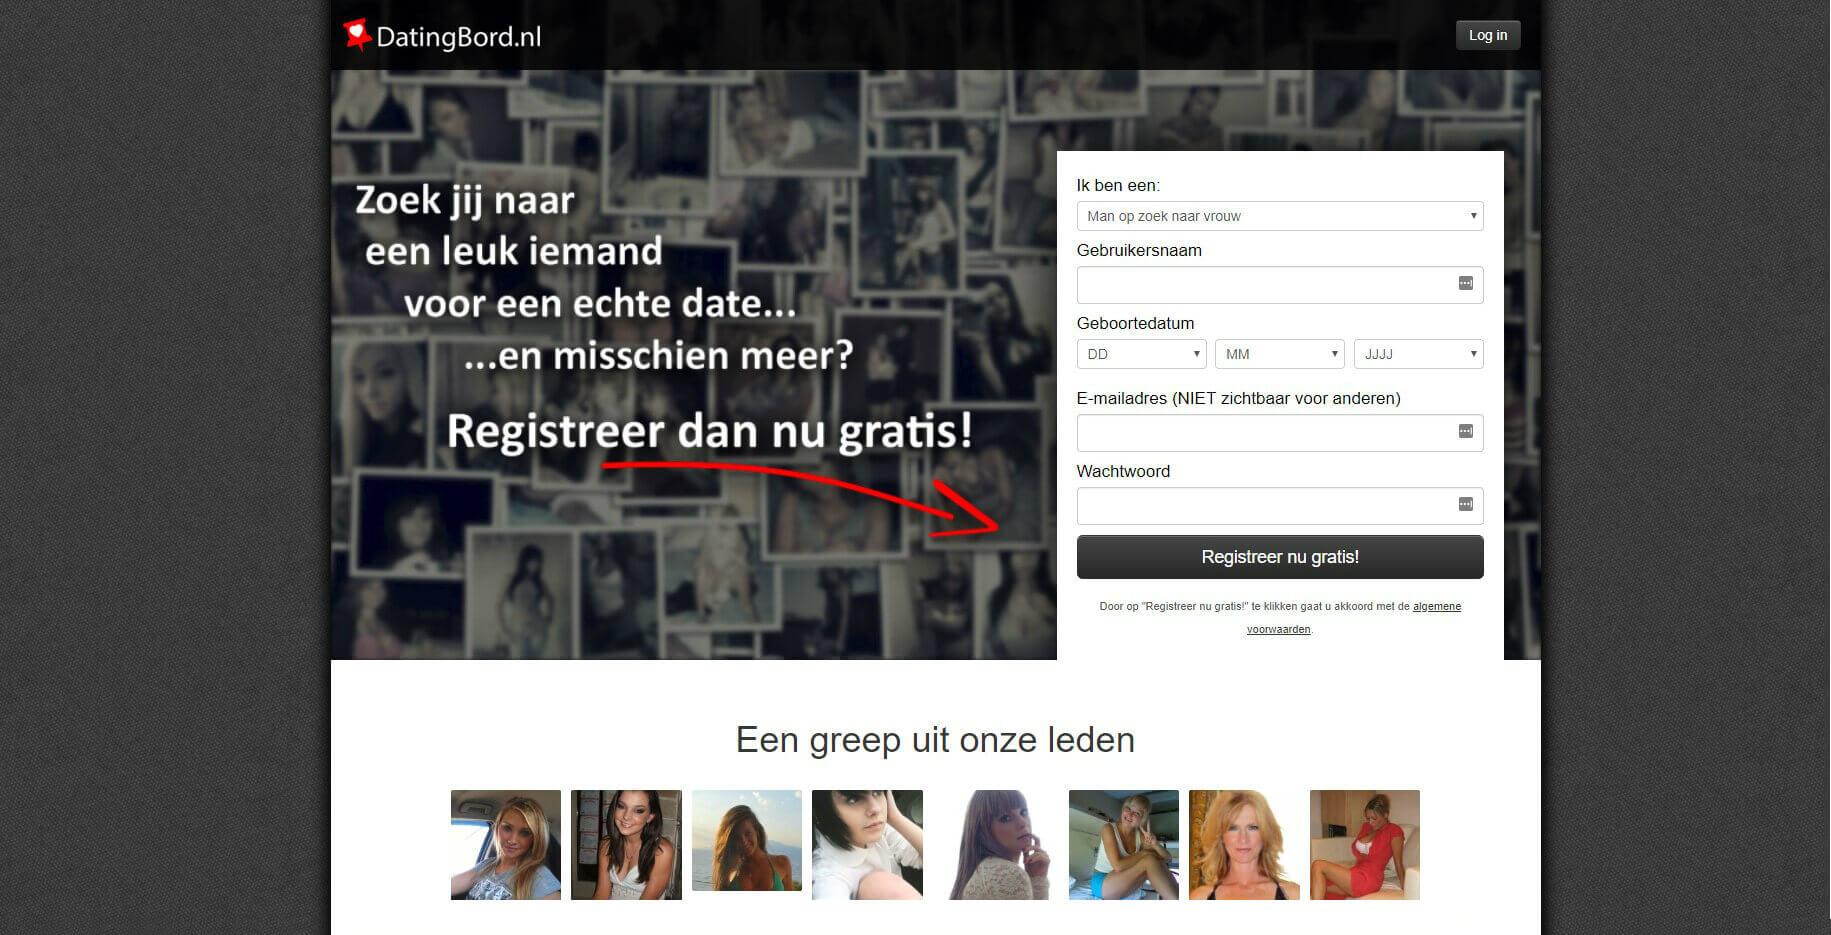 datingbord.nl registreer gratis